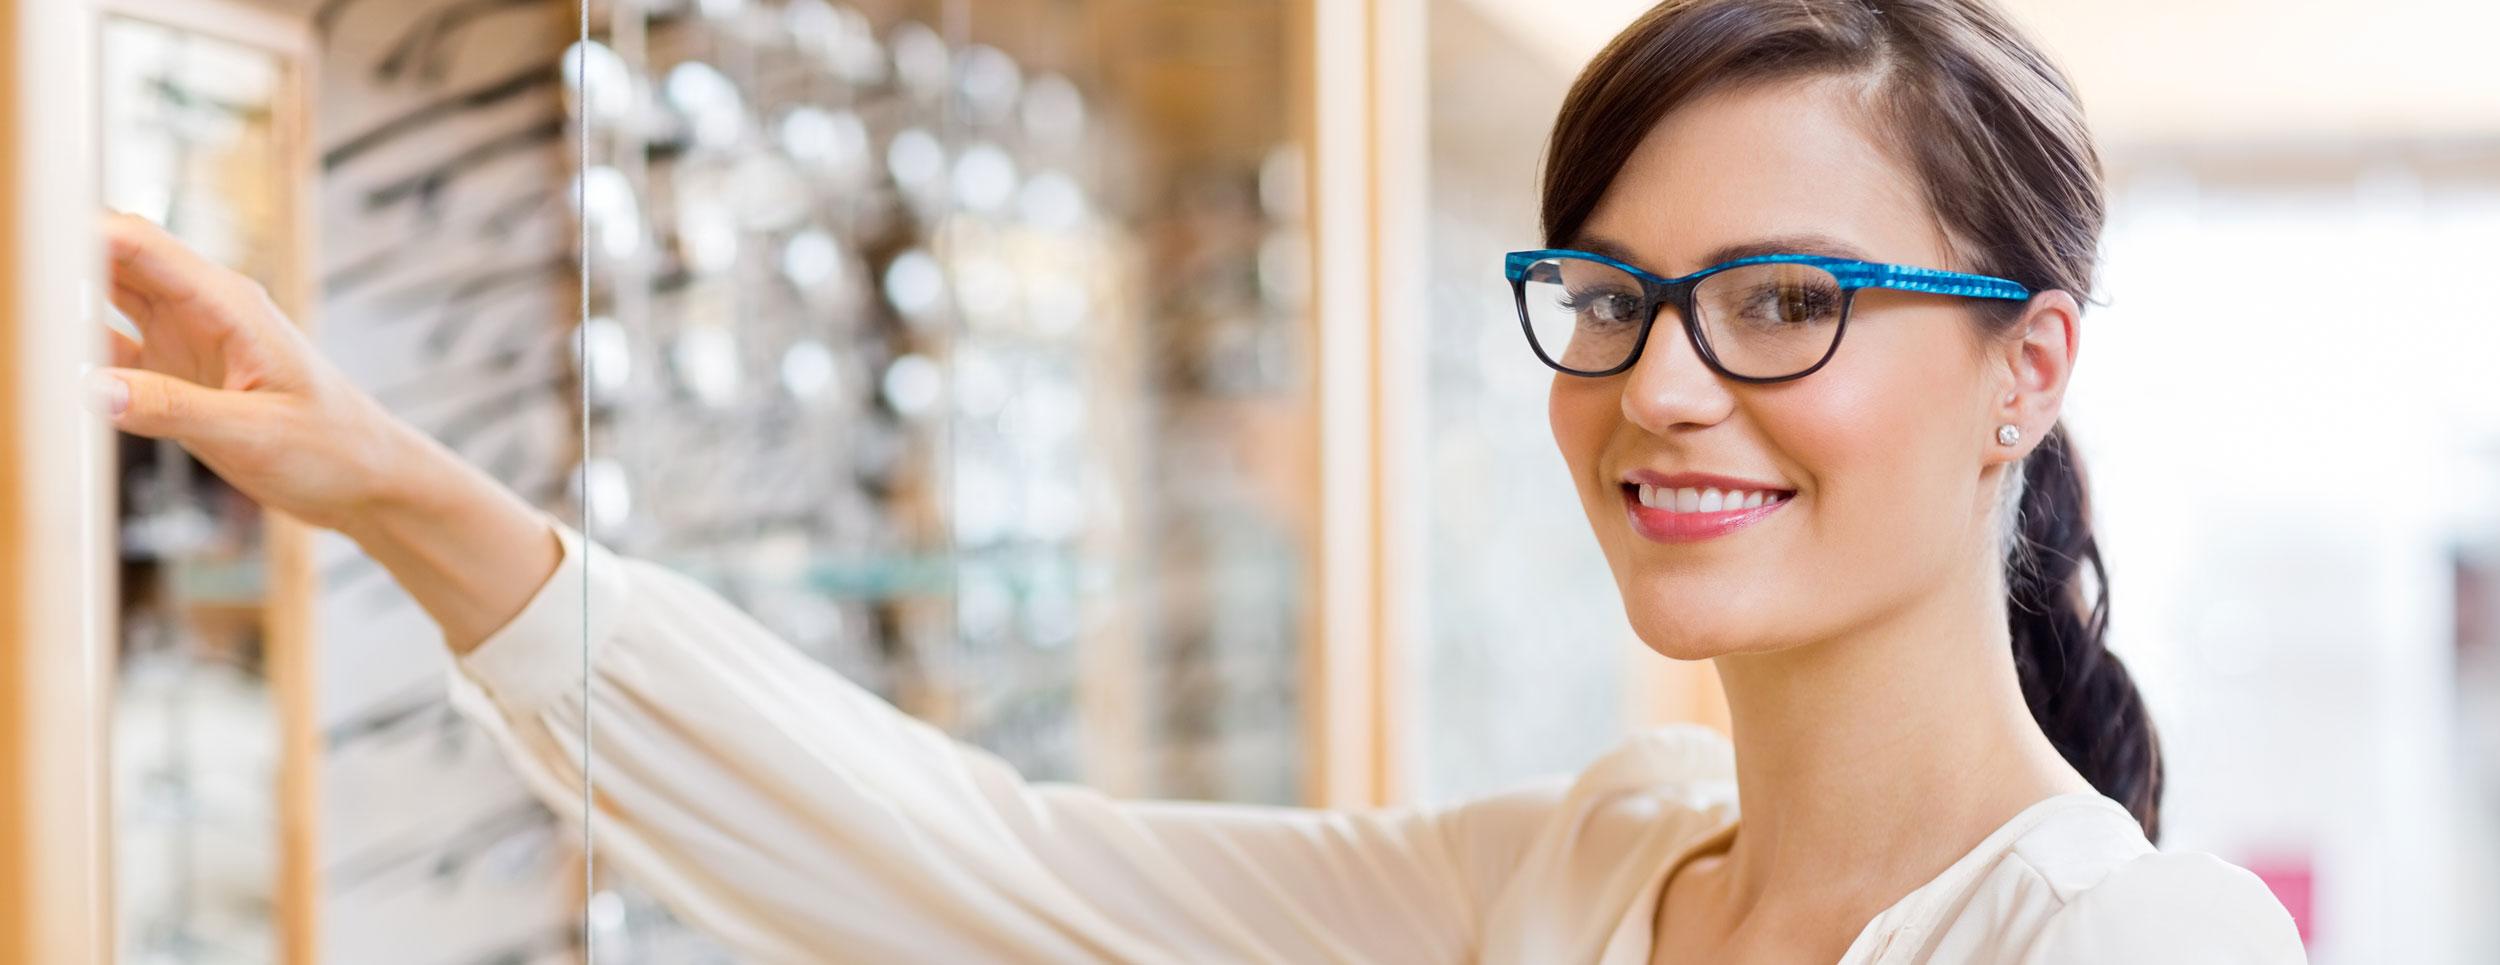 prodotti ottica occhio per occhio